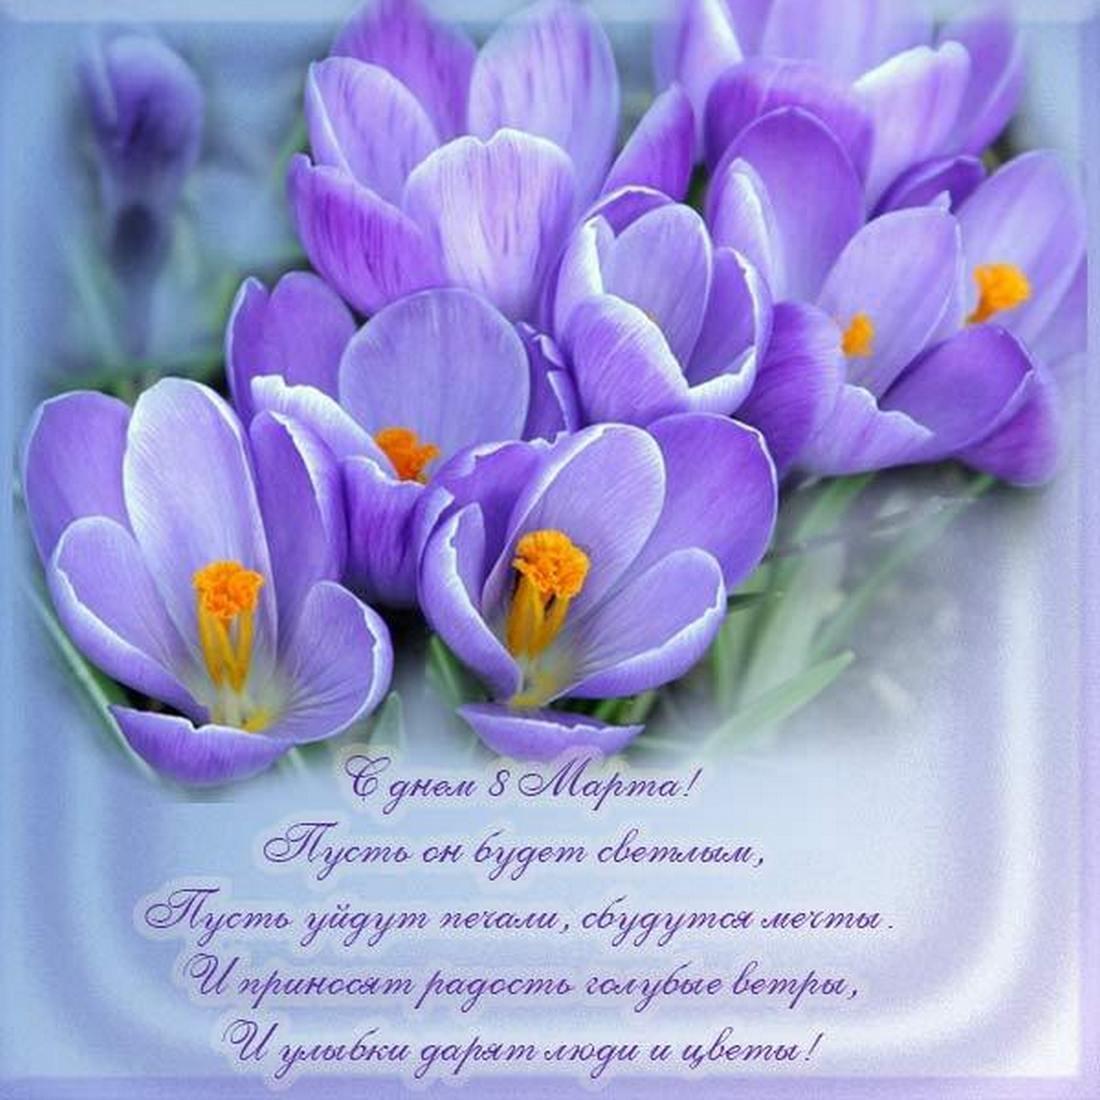 День открытки, пожелания на 8 марта женщинам в картинках